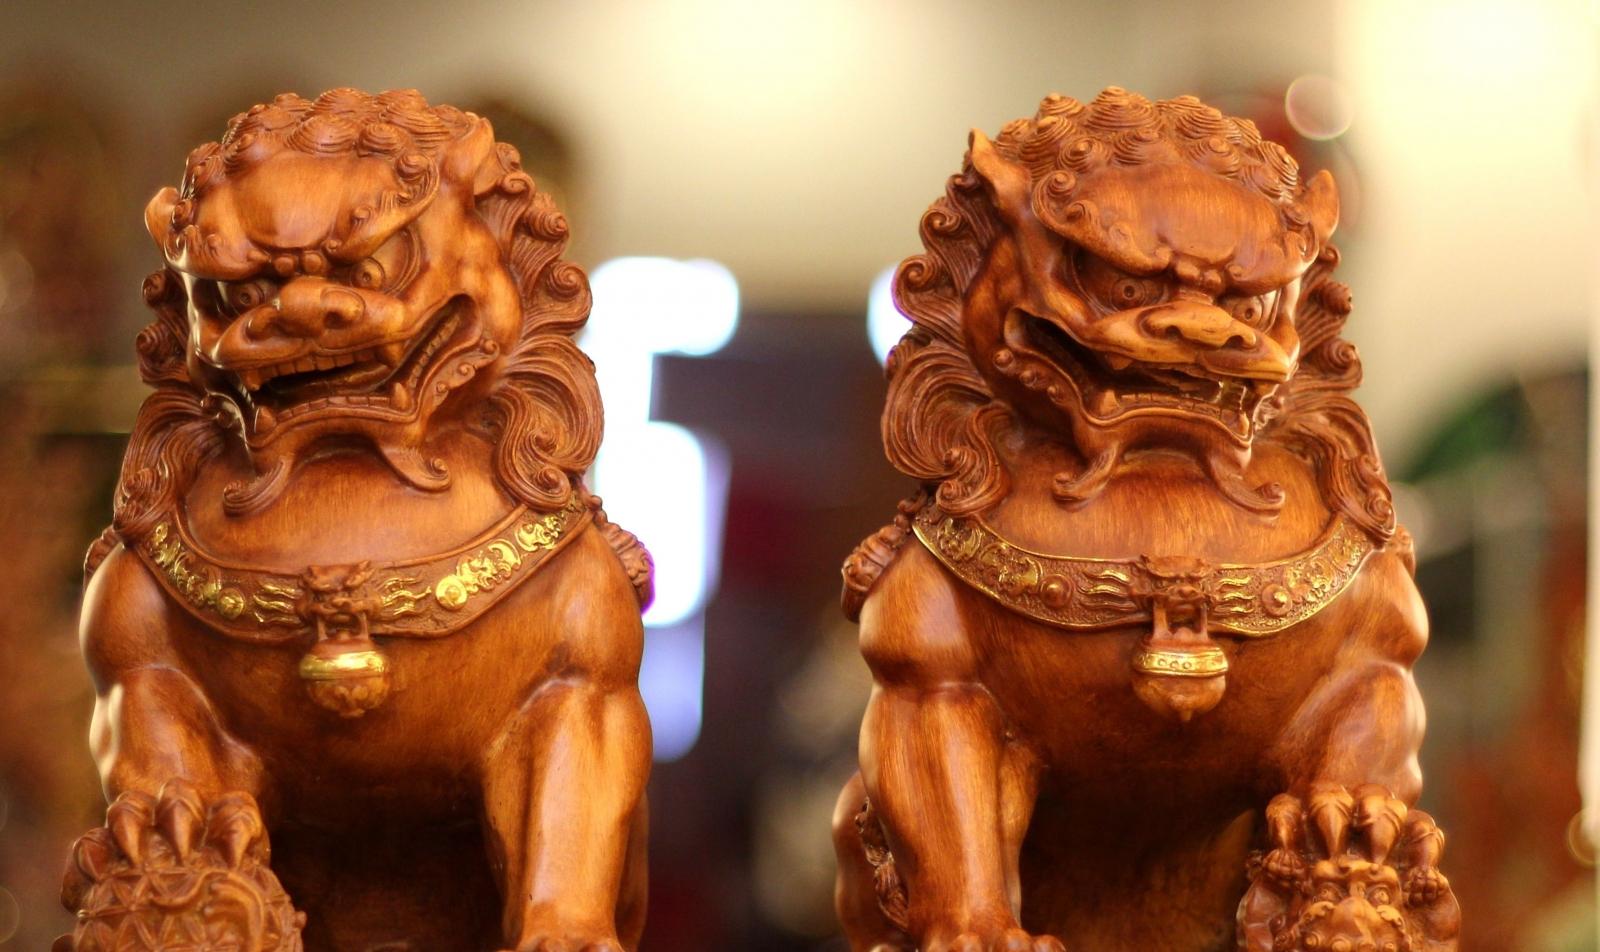 138. Các tượng linh vật chiêu tài hiện nay